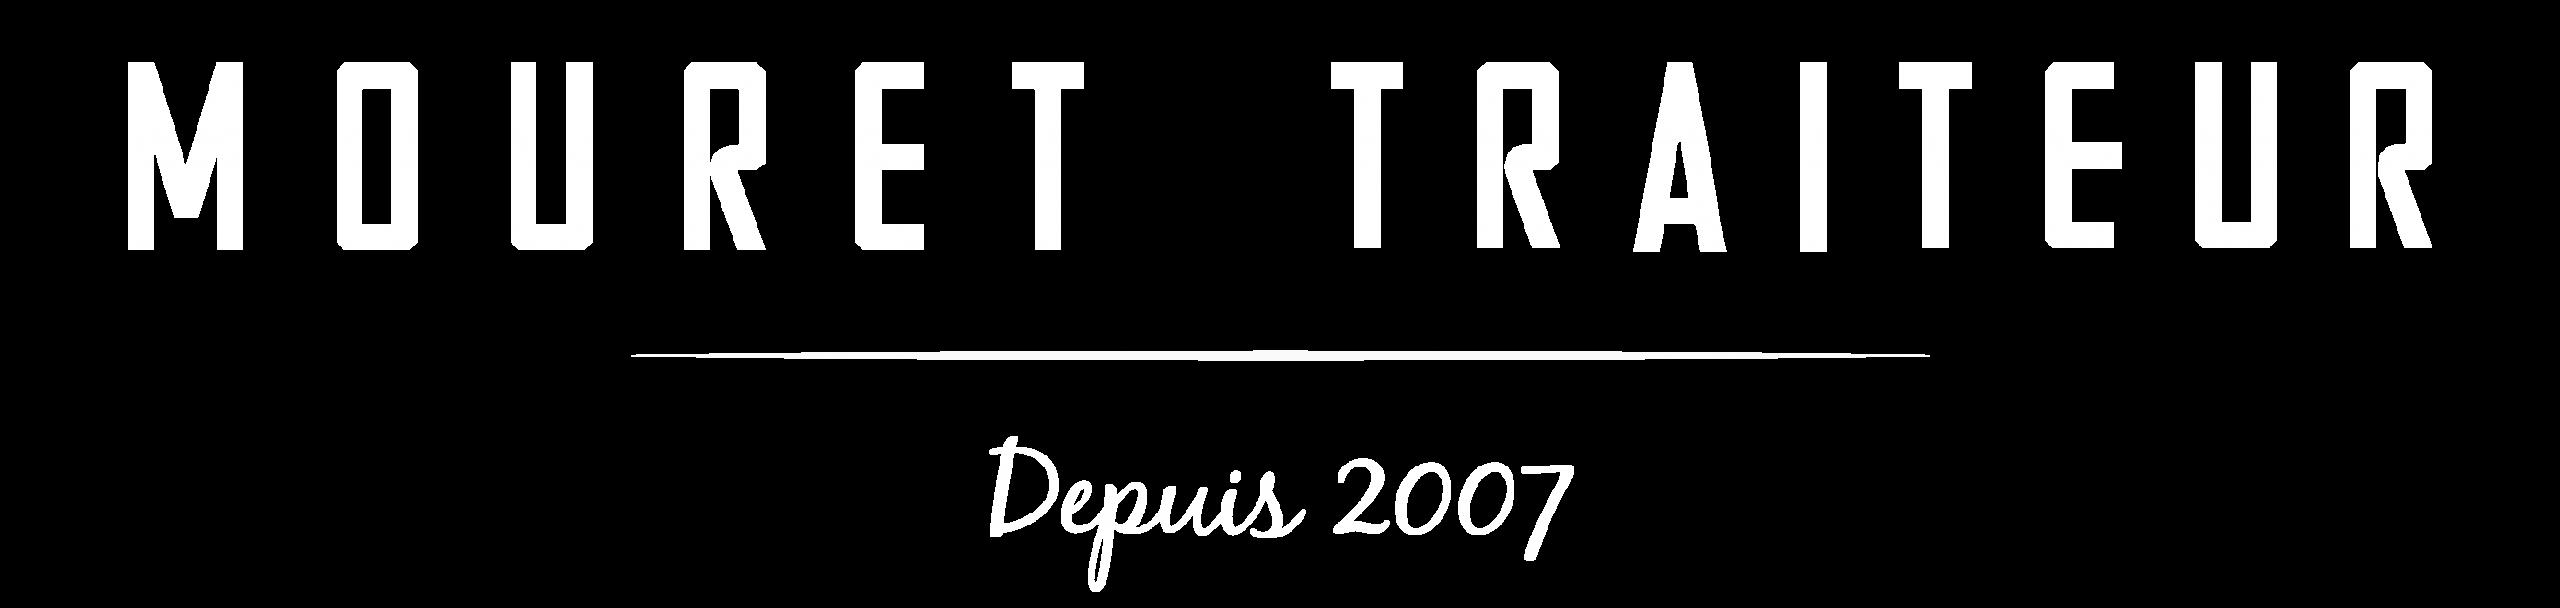 Mouret Traiteur Depuis 2007